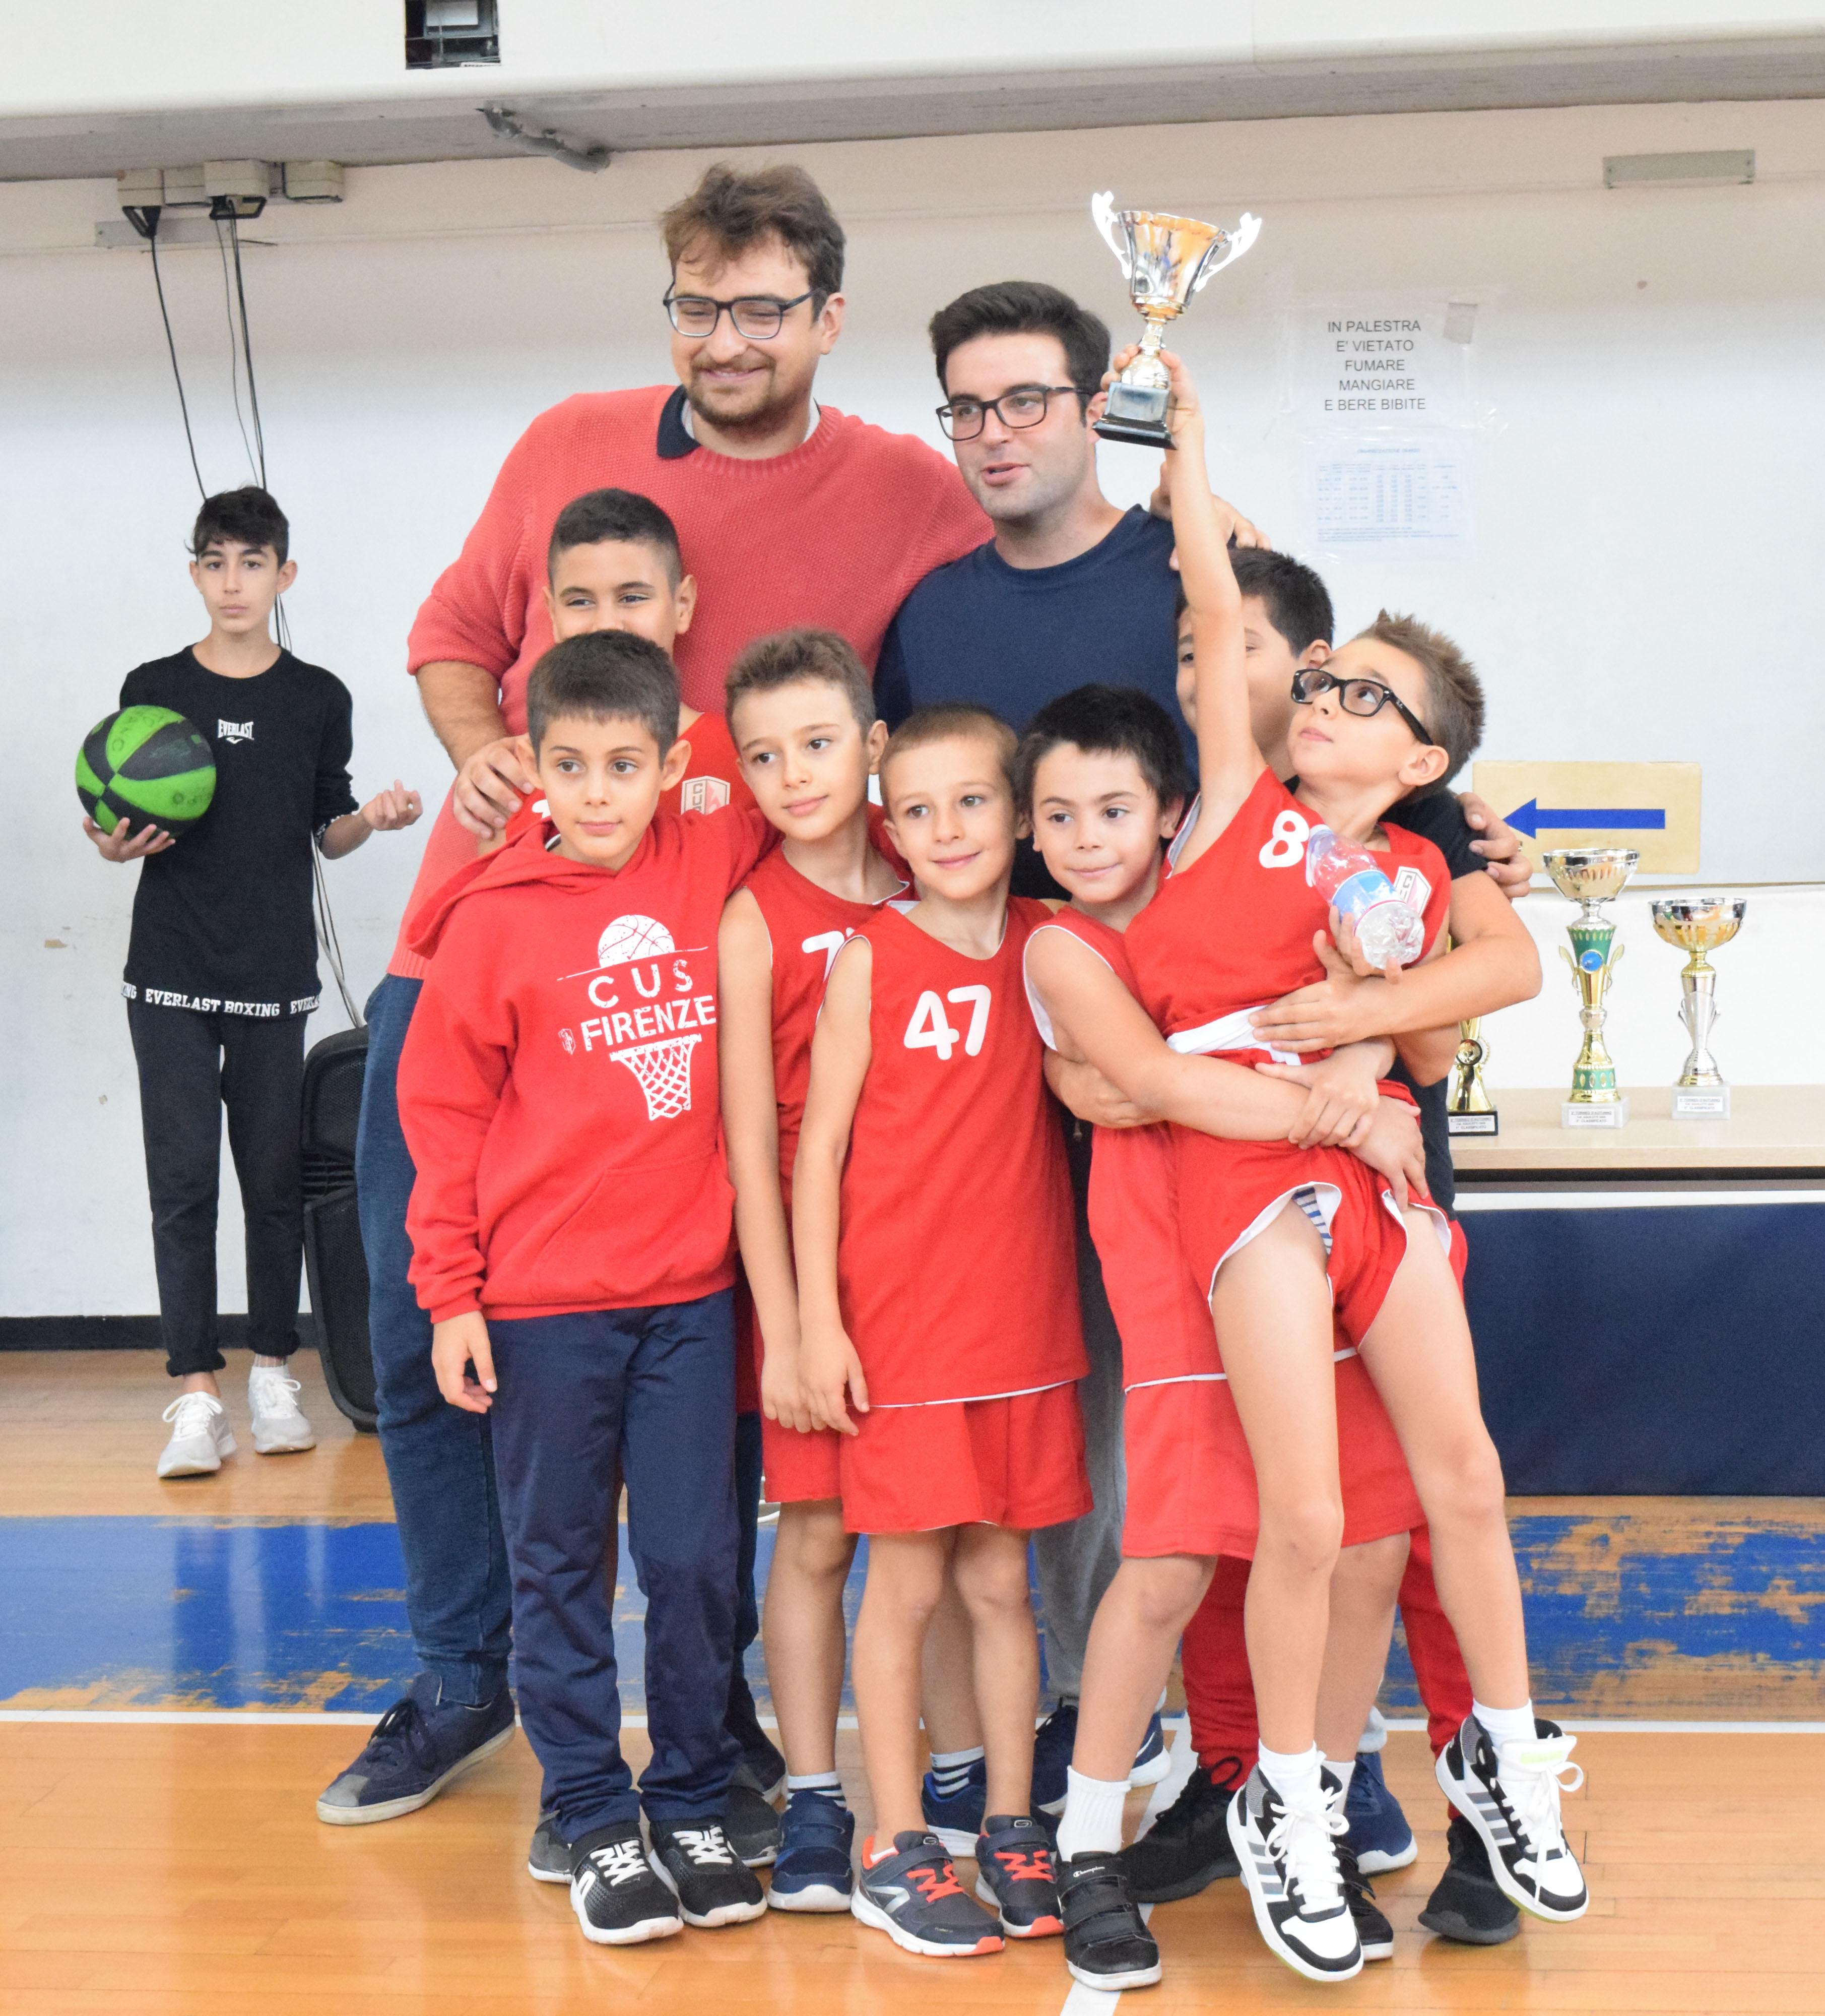 Scoiattoli2009_torneoAutunno_2018_z9l